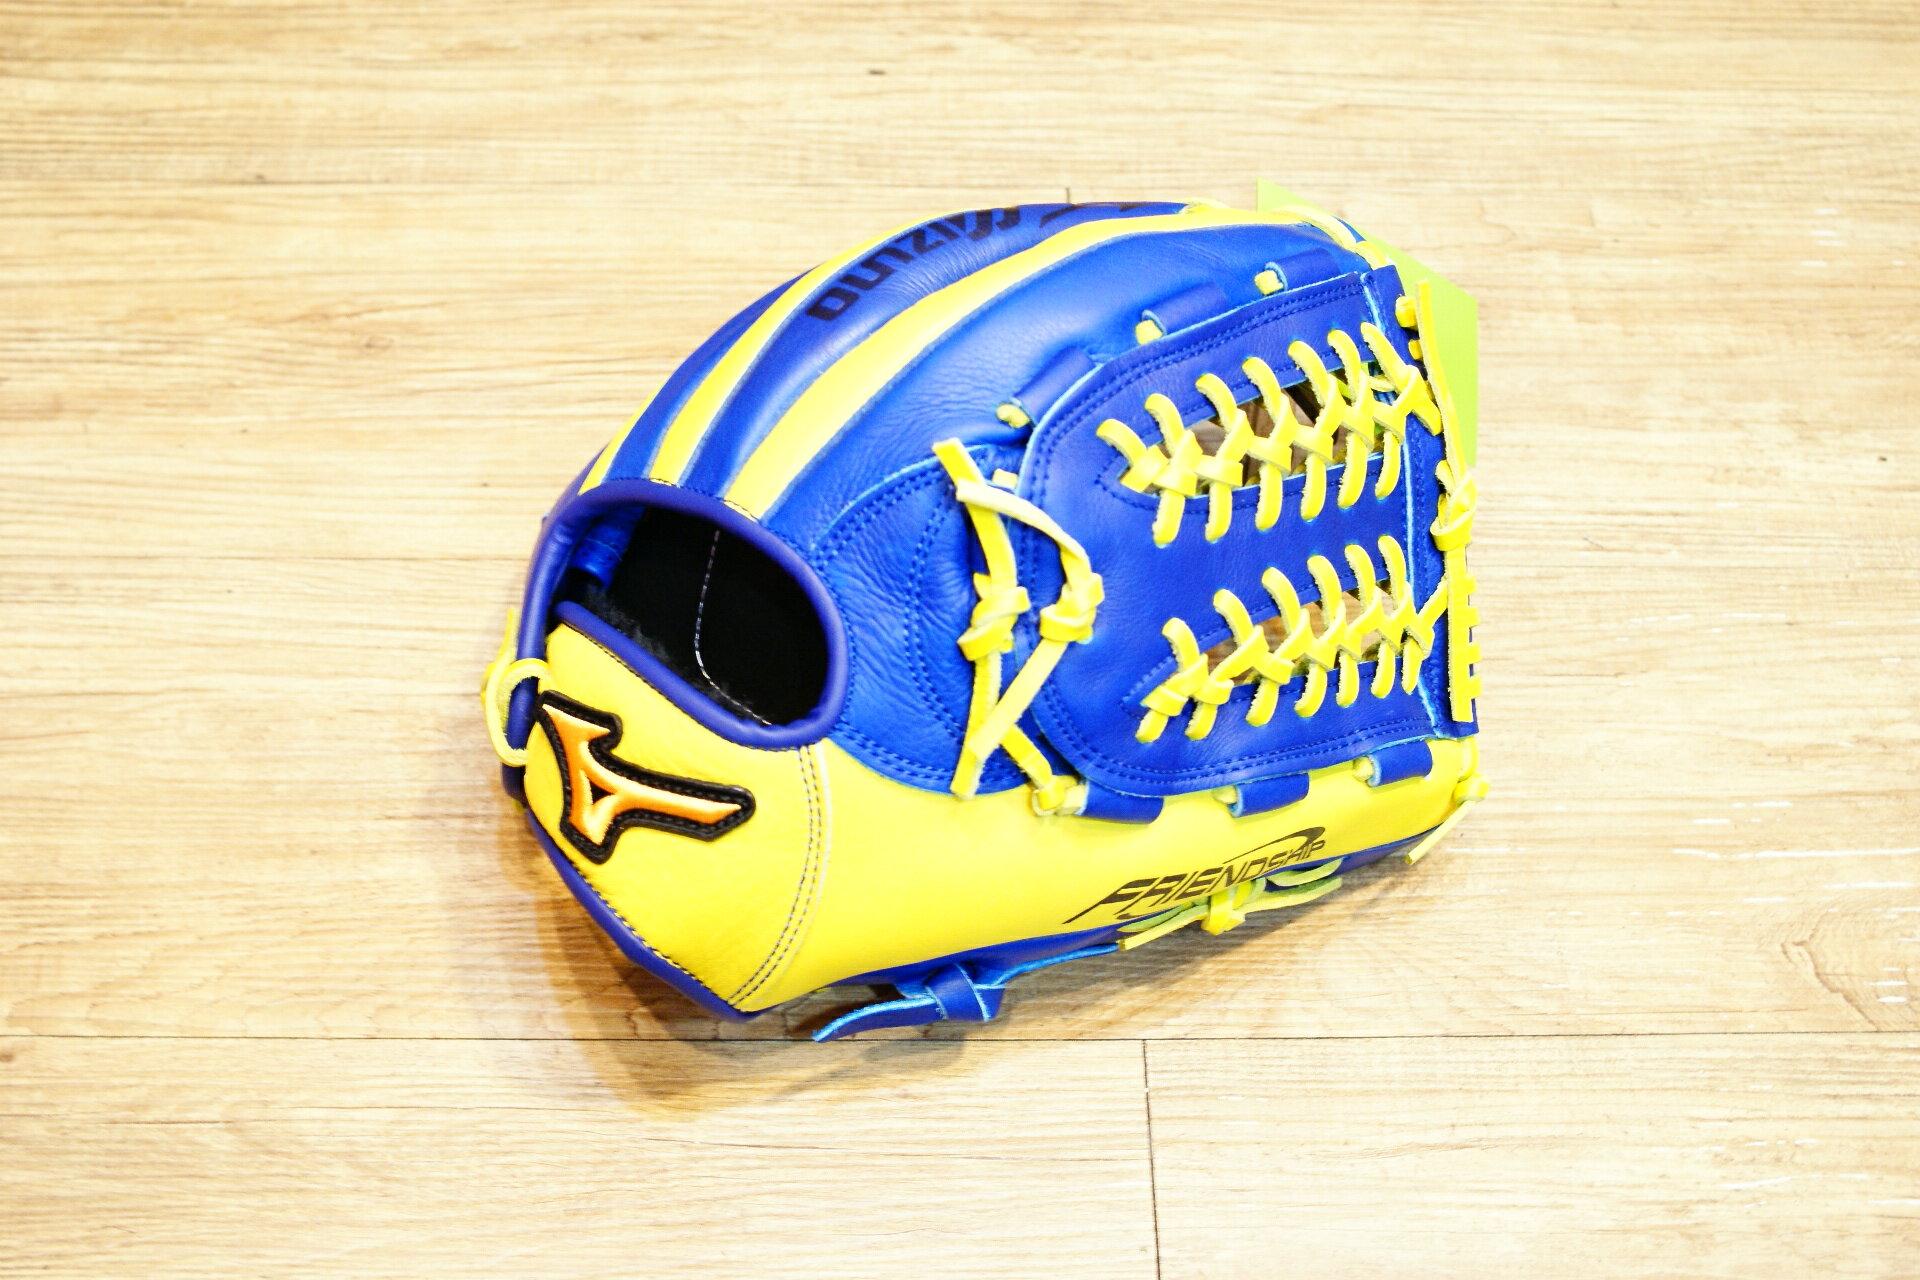 棒球世界 Mizuno 美津濃 FRIEND SHIP 壘球手套 1ATGS50870 特價萊姆藍配色 內網